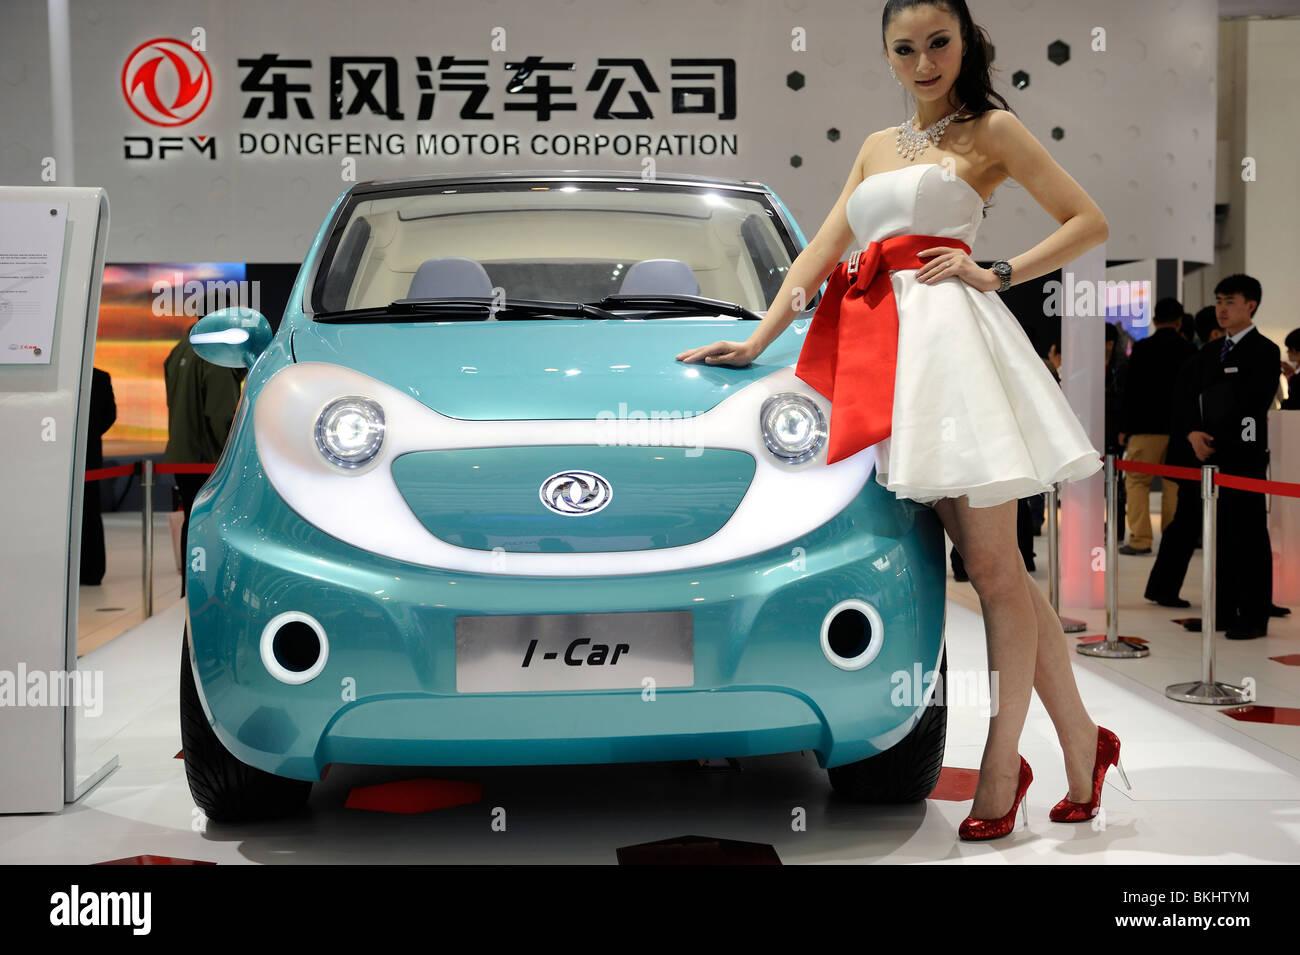 Un modèle pose à côté de Dongfeng Motor Group Co.'s I-Car véhicule concept, affichée Photo Stock